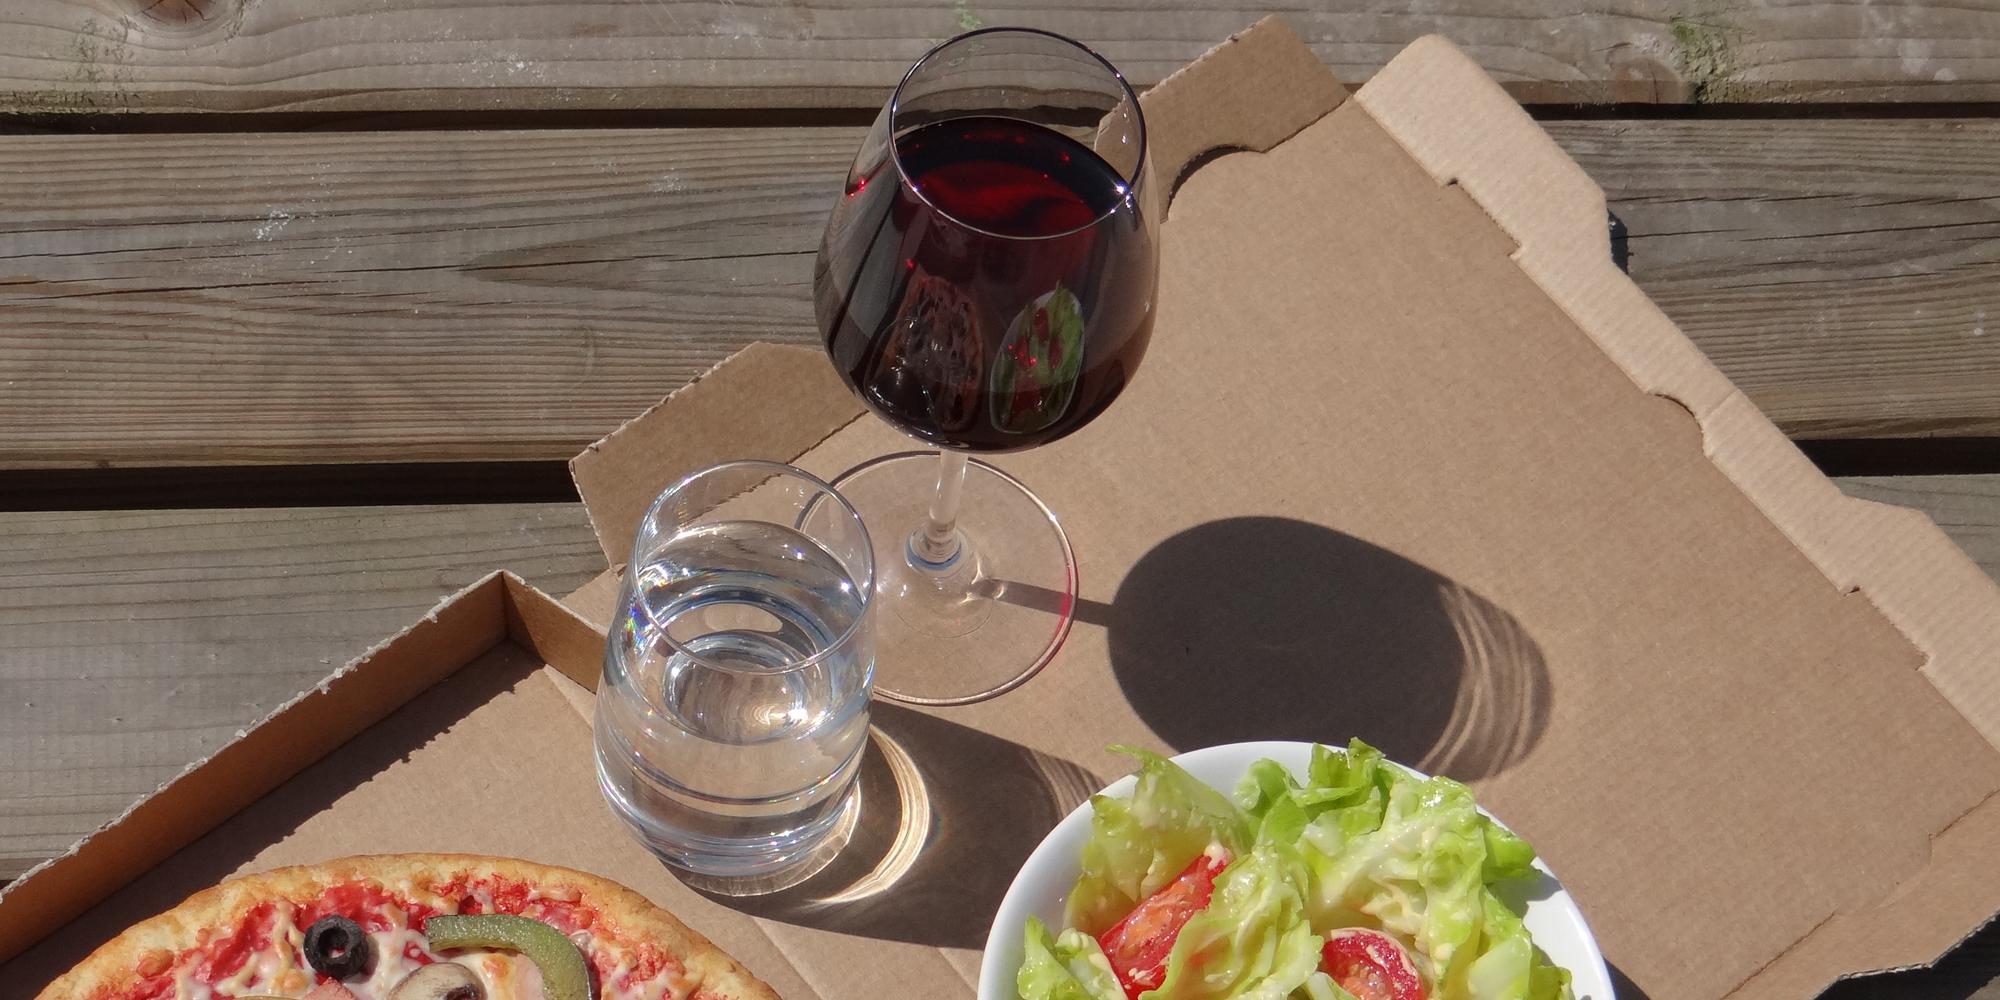 des fausses boissons pour accompagner tout un repas en factices alimentaires